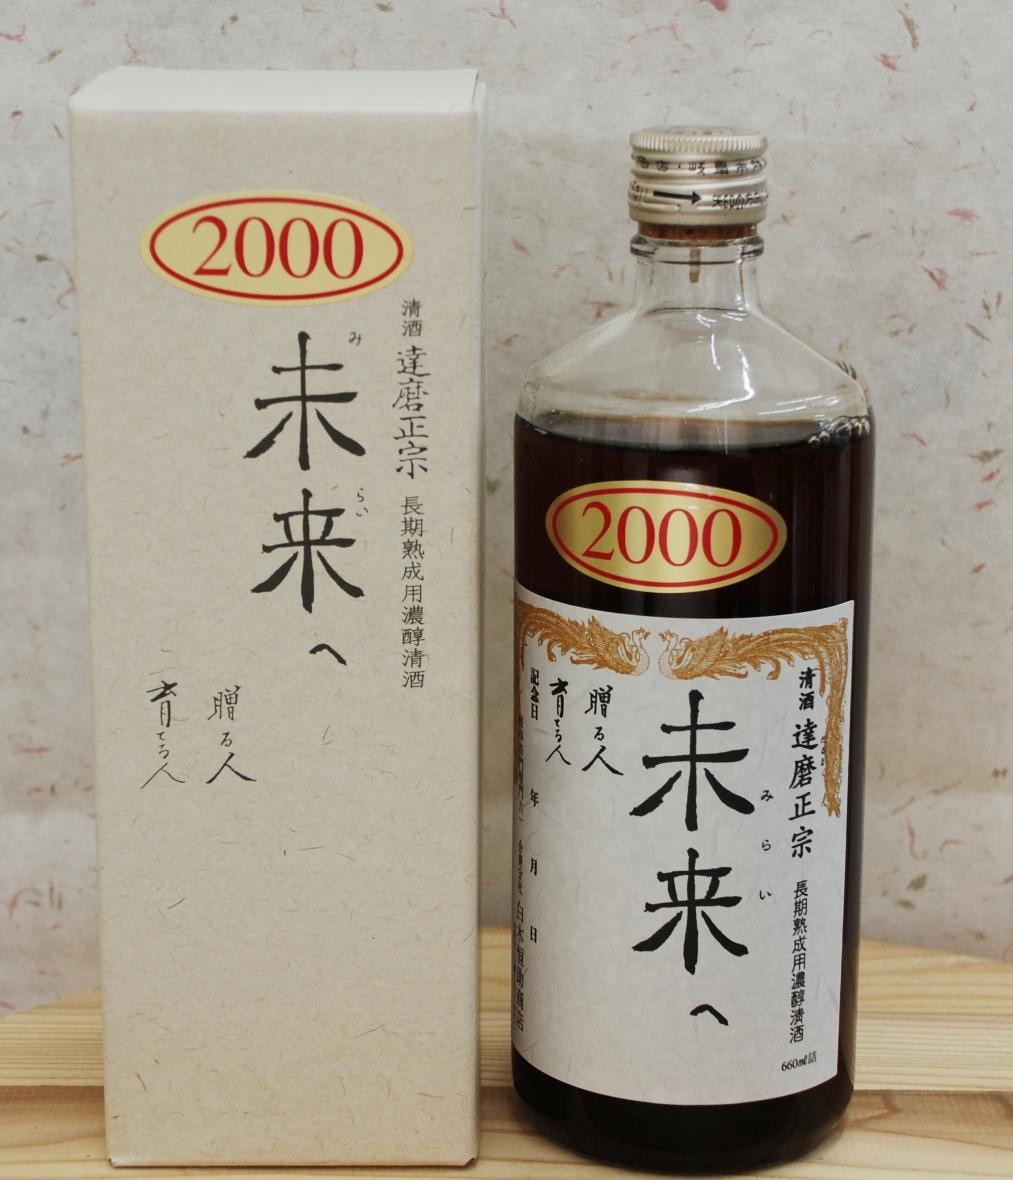 達磨正宗 2000年(平成12年)未来へ 660ml 岐阜県  古酒 熟成酒 記念酒